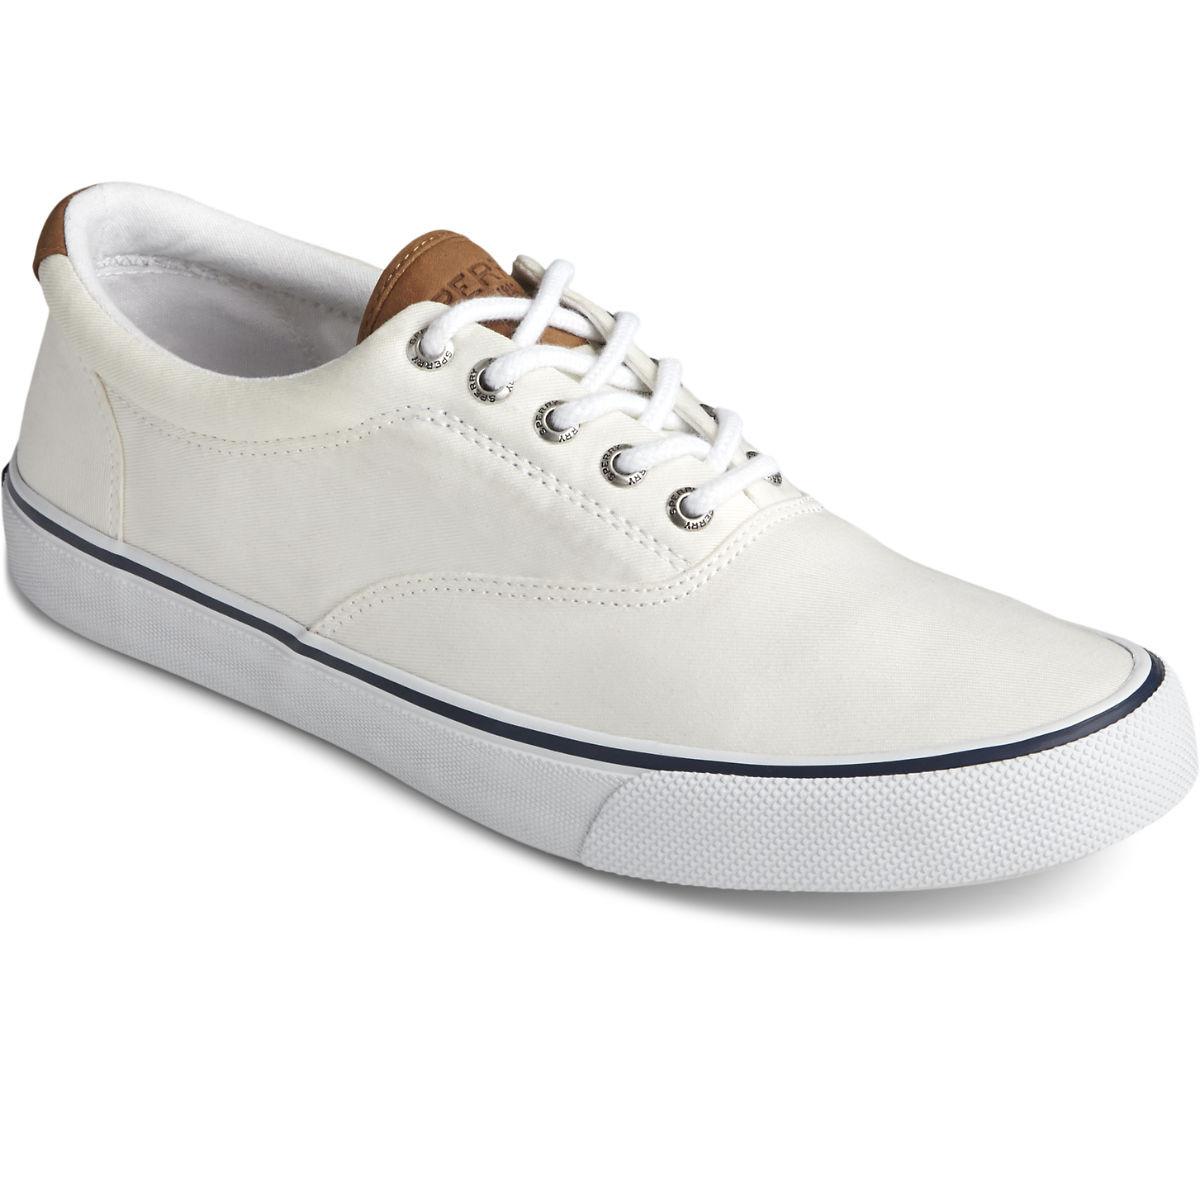 Sperry - Striper II CVO Sneaker / Mens